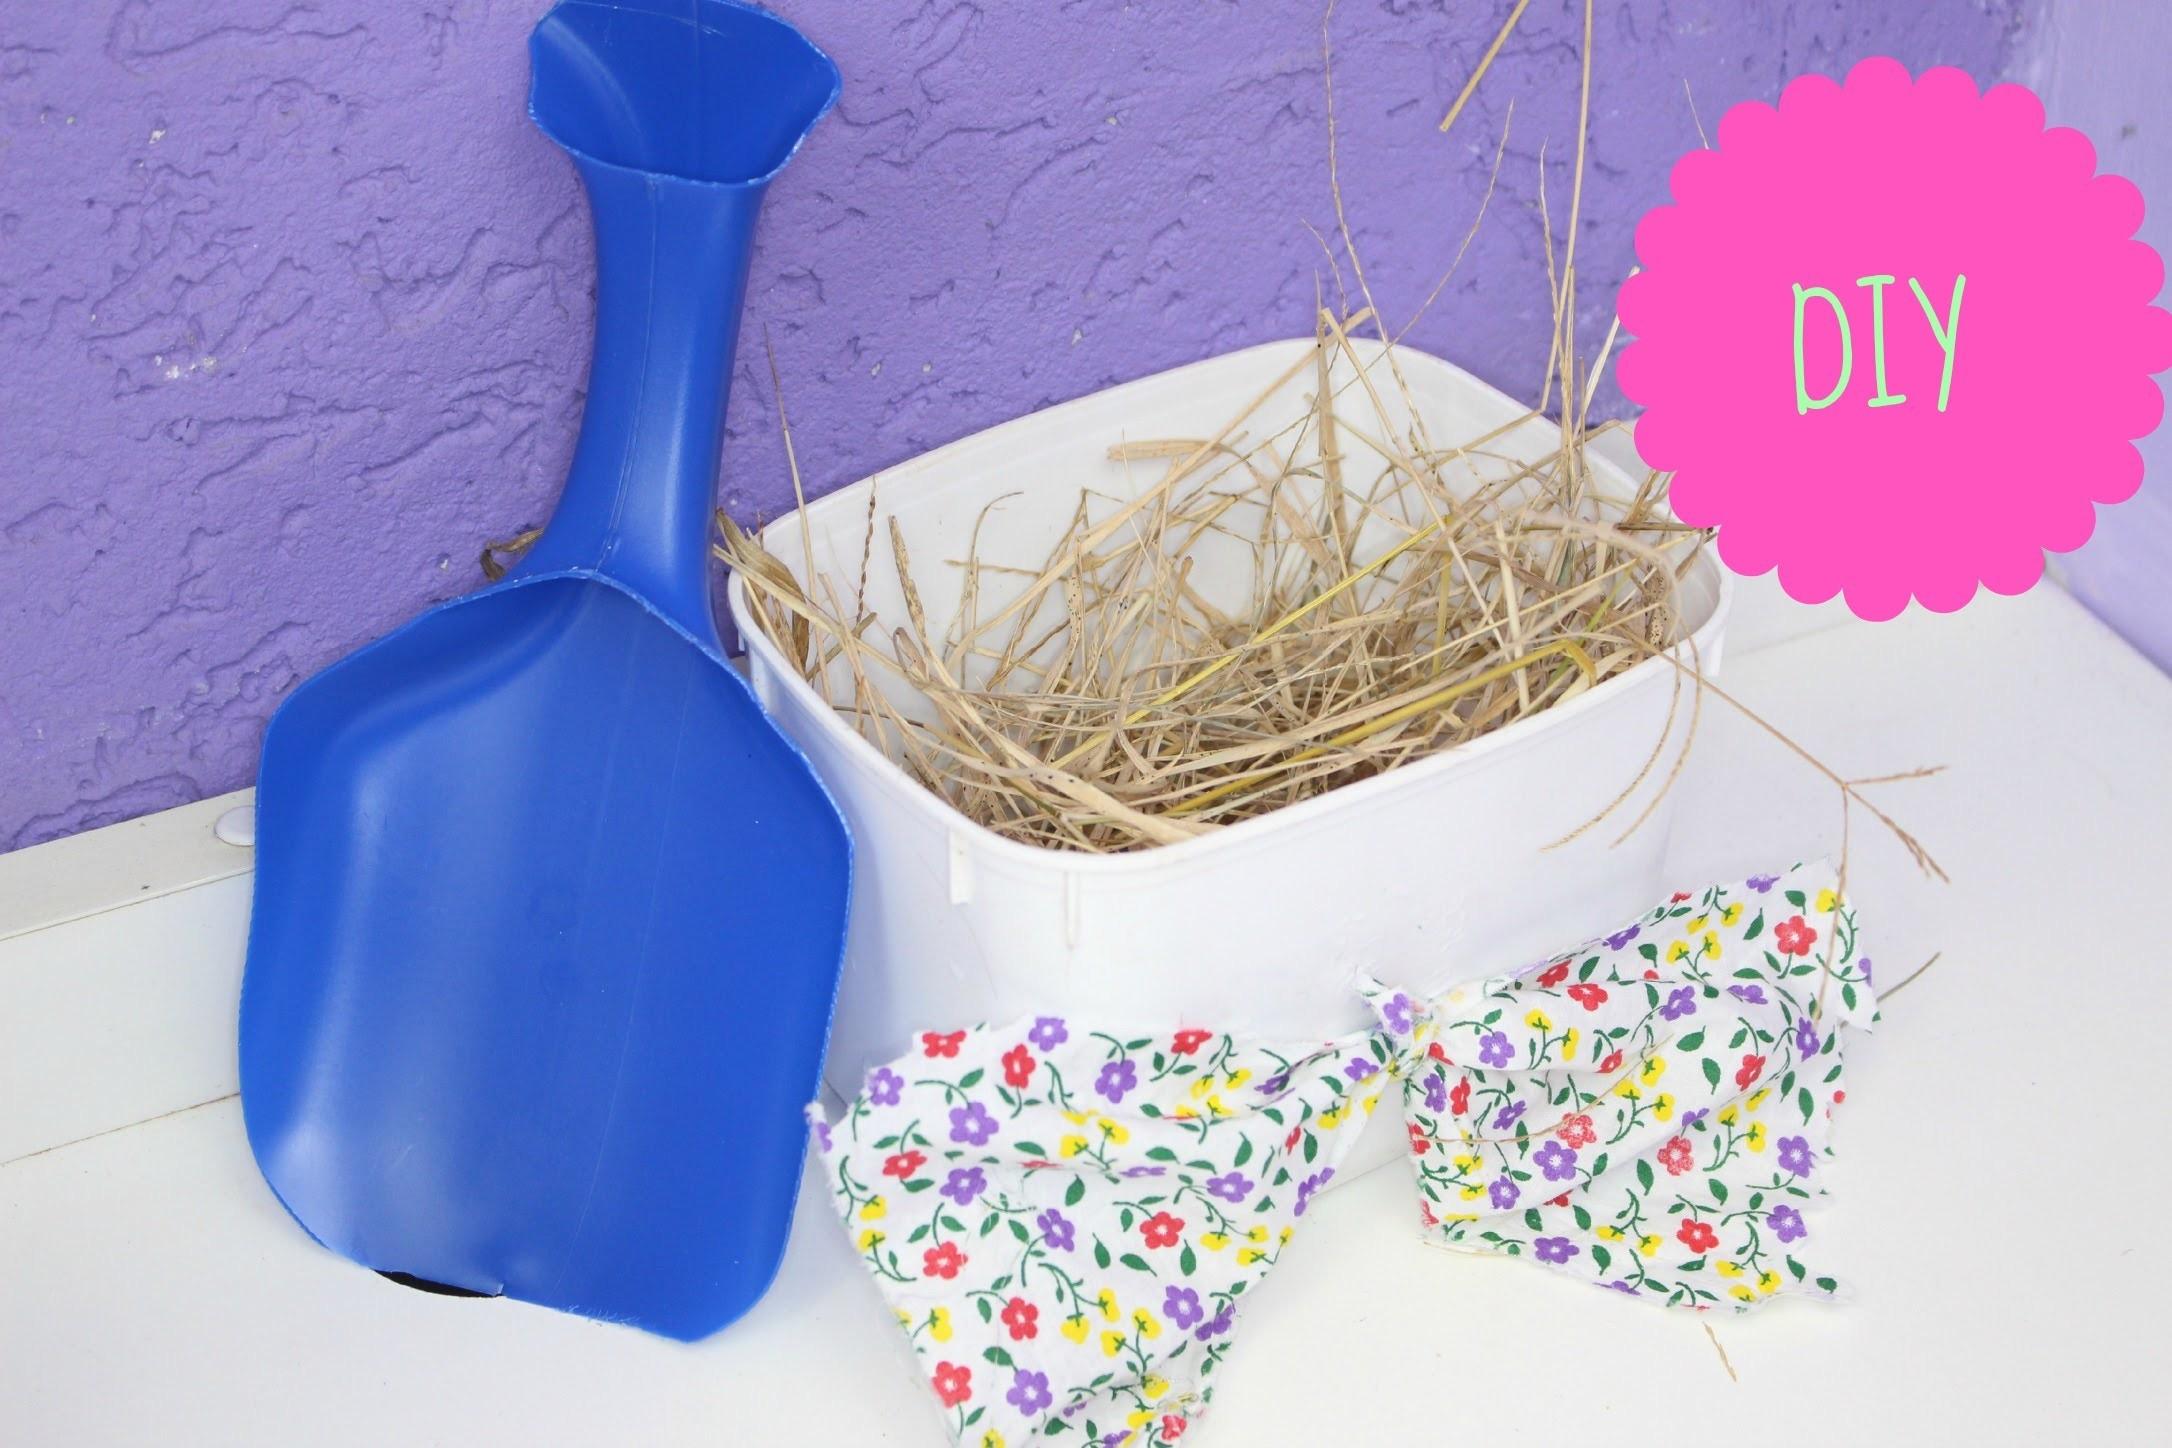 DIY- l Pazinha feita com pote Reciclável